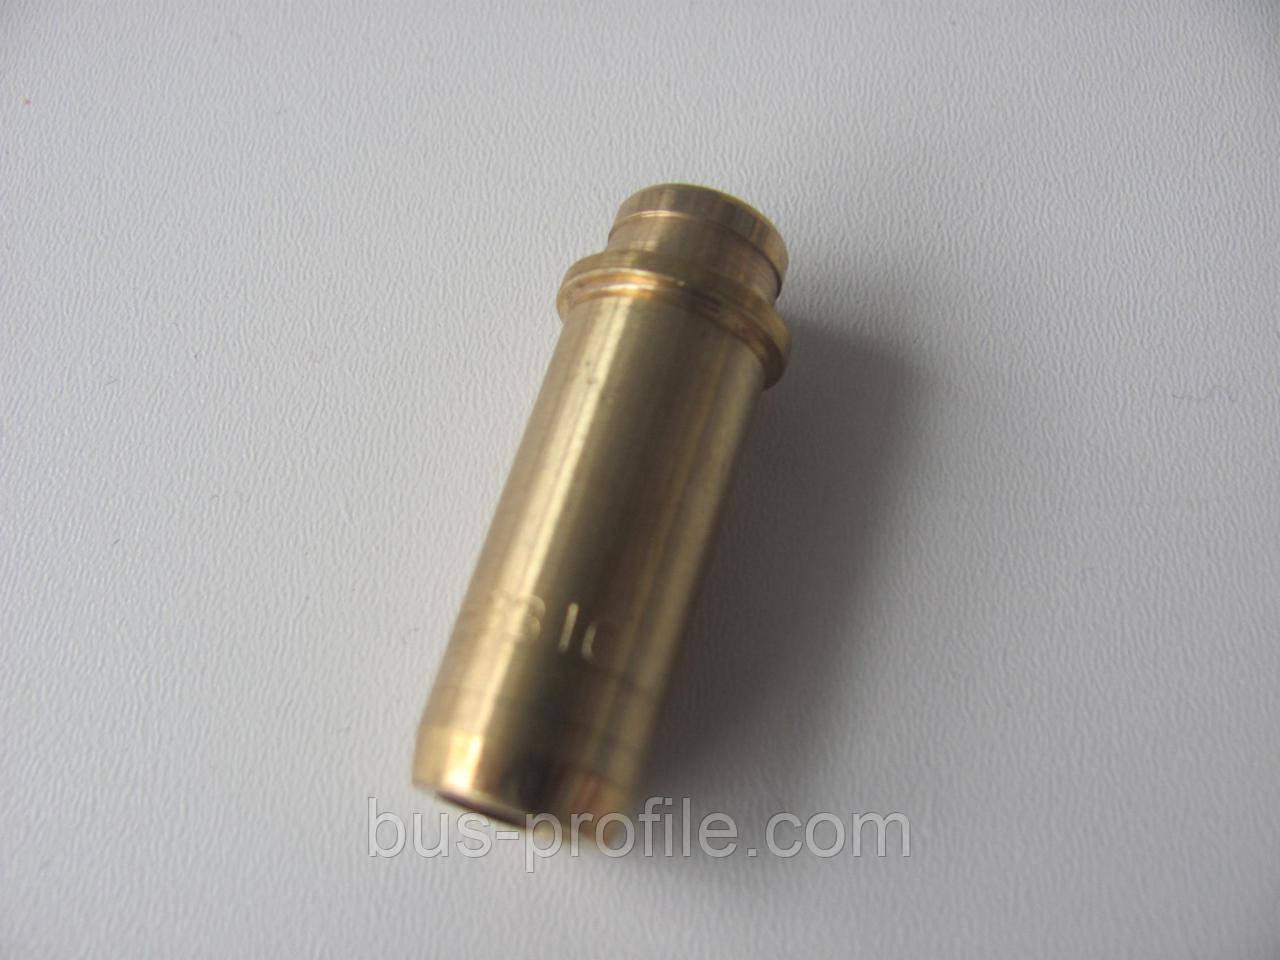 Втулка клапана направляющая (впуск/выпуск) VW T4/Crafter 2.5TDI (8.00x12.06x36.50) — KOLBENSHMIDT — 81-3310